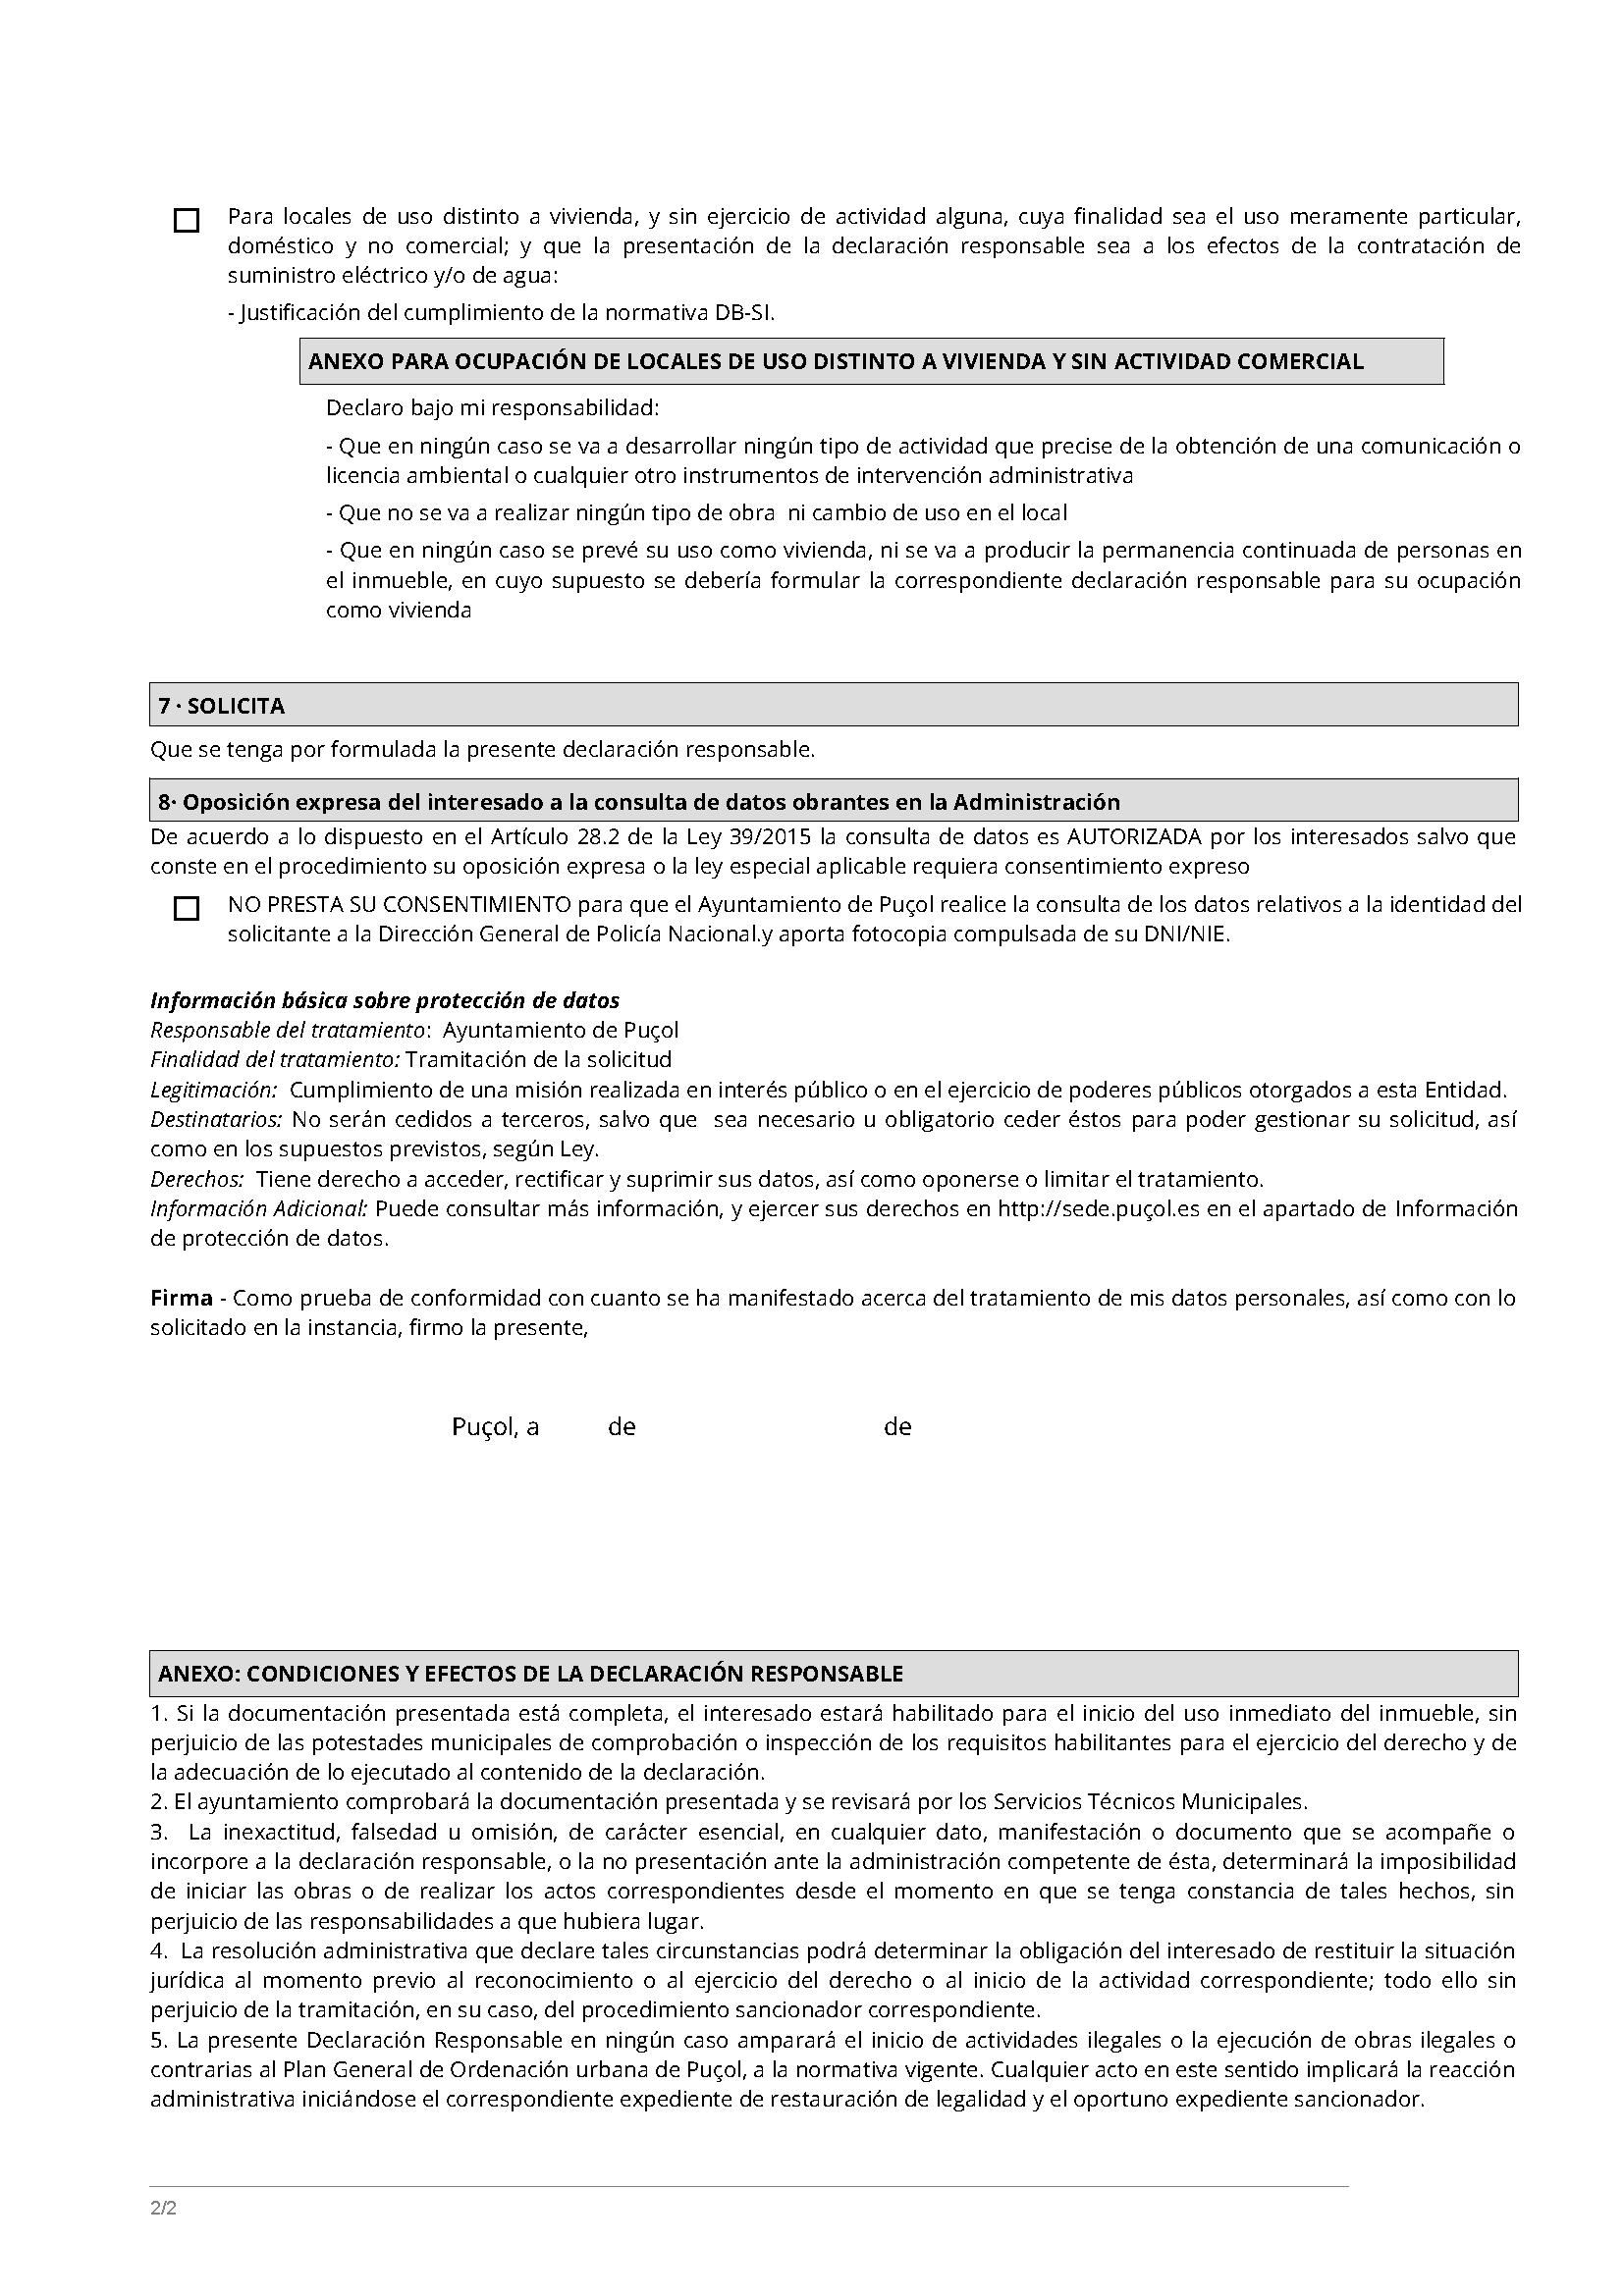 Impreso Declaración Responsable Segunda Ocupación Puzol/Puçol